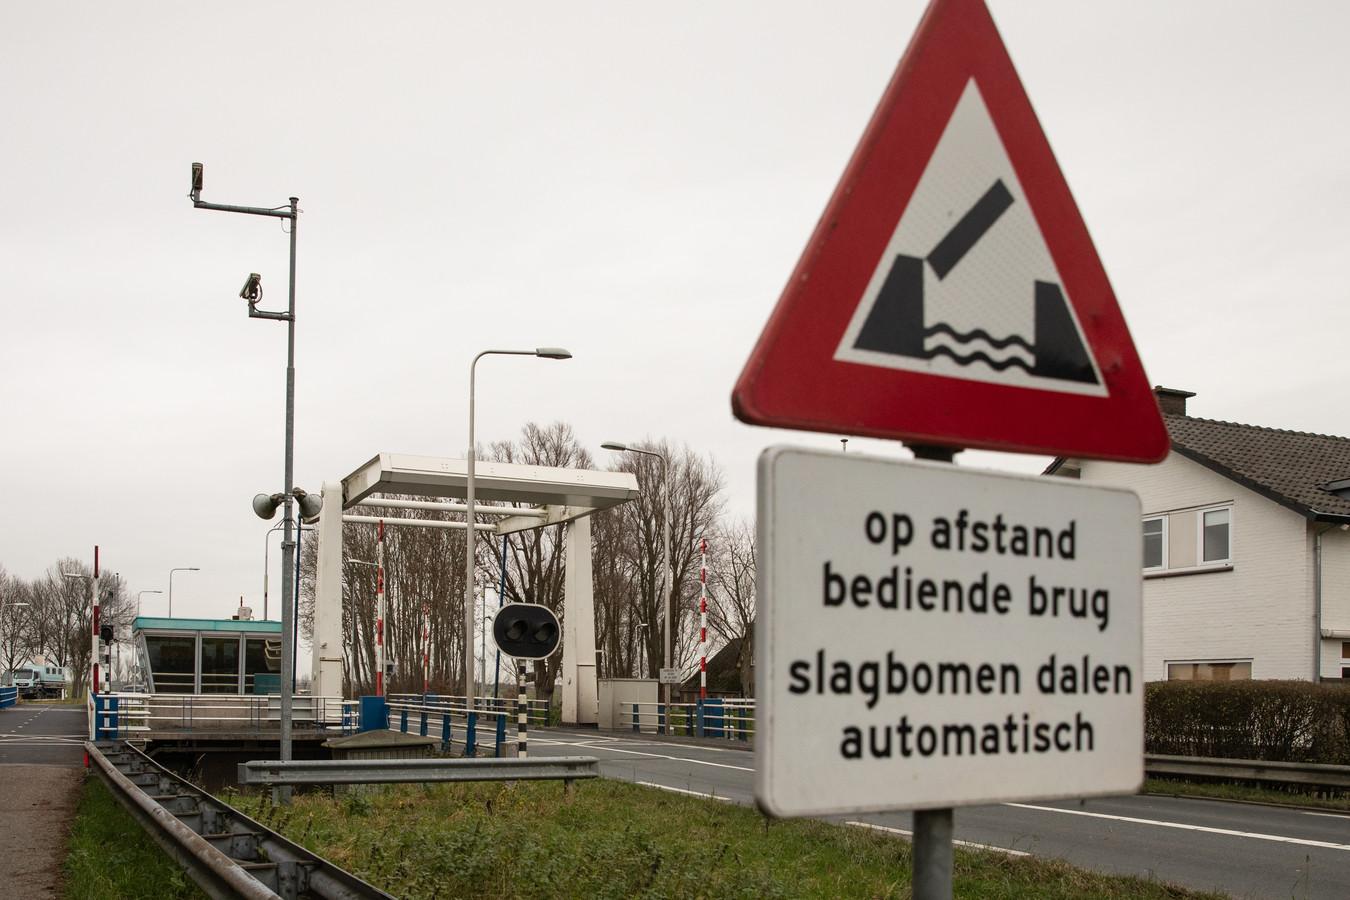 Eerder werd ook al duidelijk dat Utrechtse bruggen Chroom-6 bevatten. Bij de Eembrug Baarn (foto) zou het anti-roestmiddel in de signaallichten zitten.